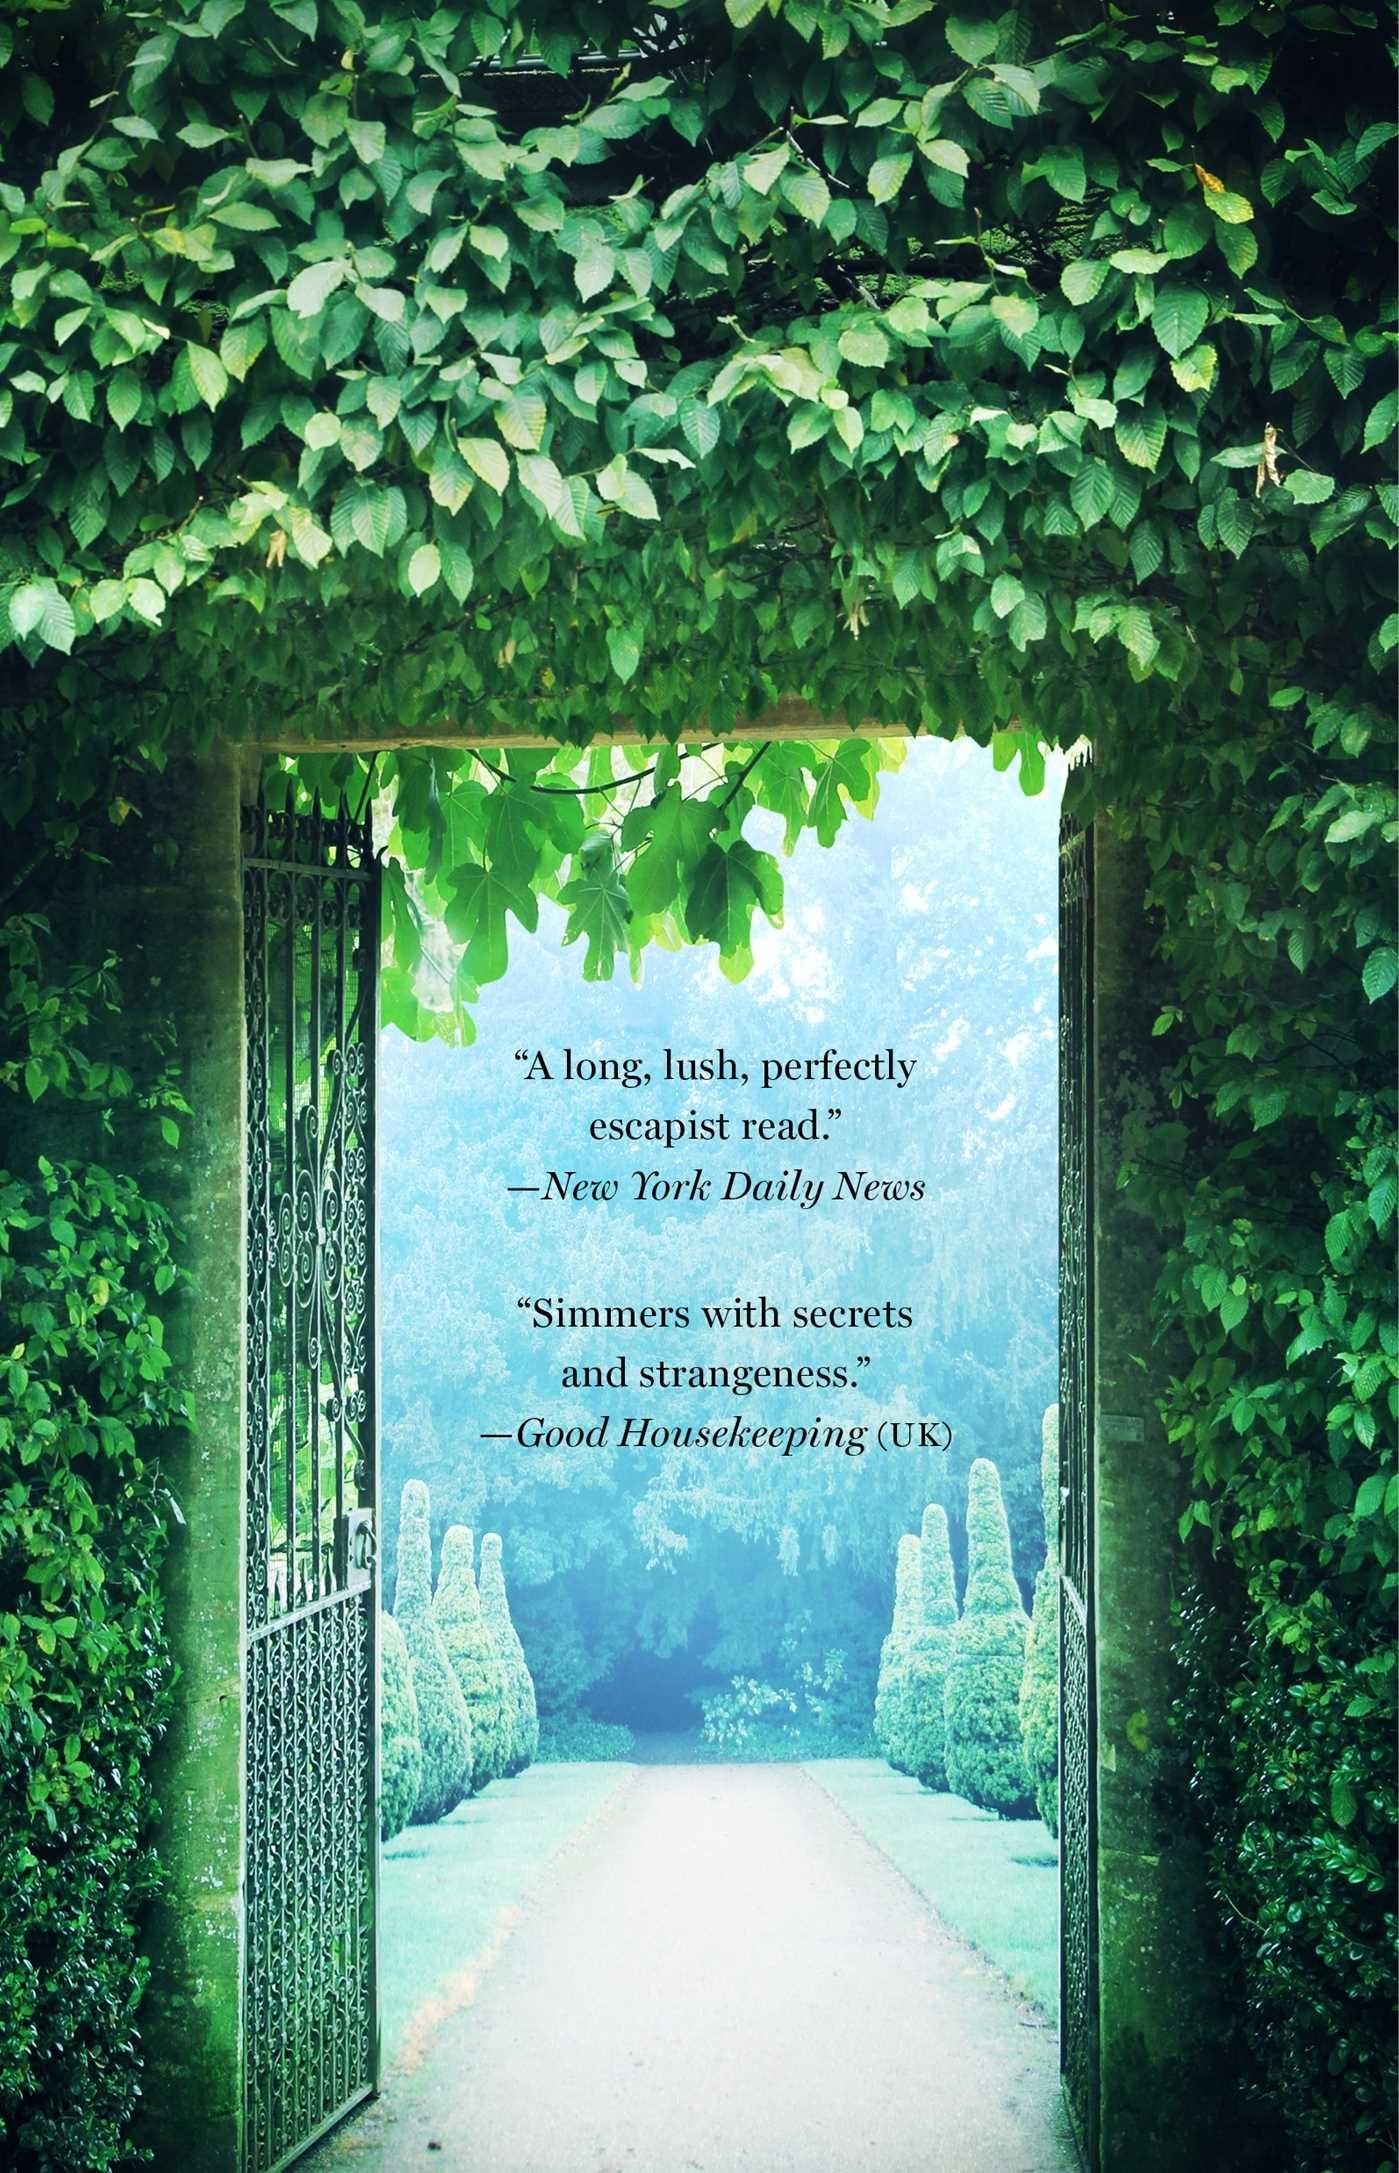 The forgotten garden 9781416550556.in01